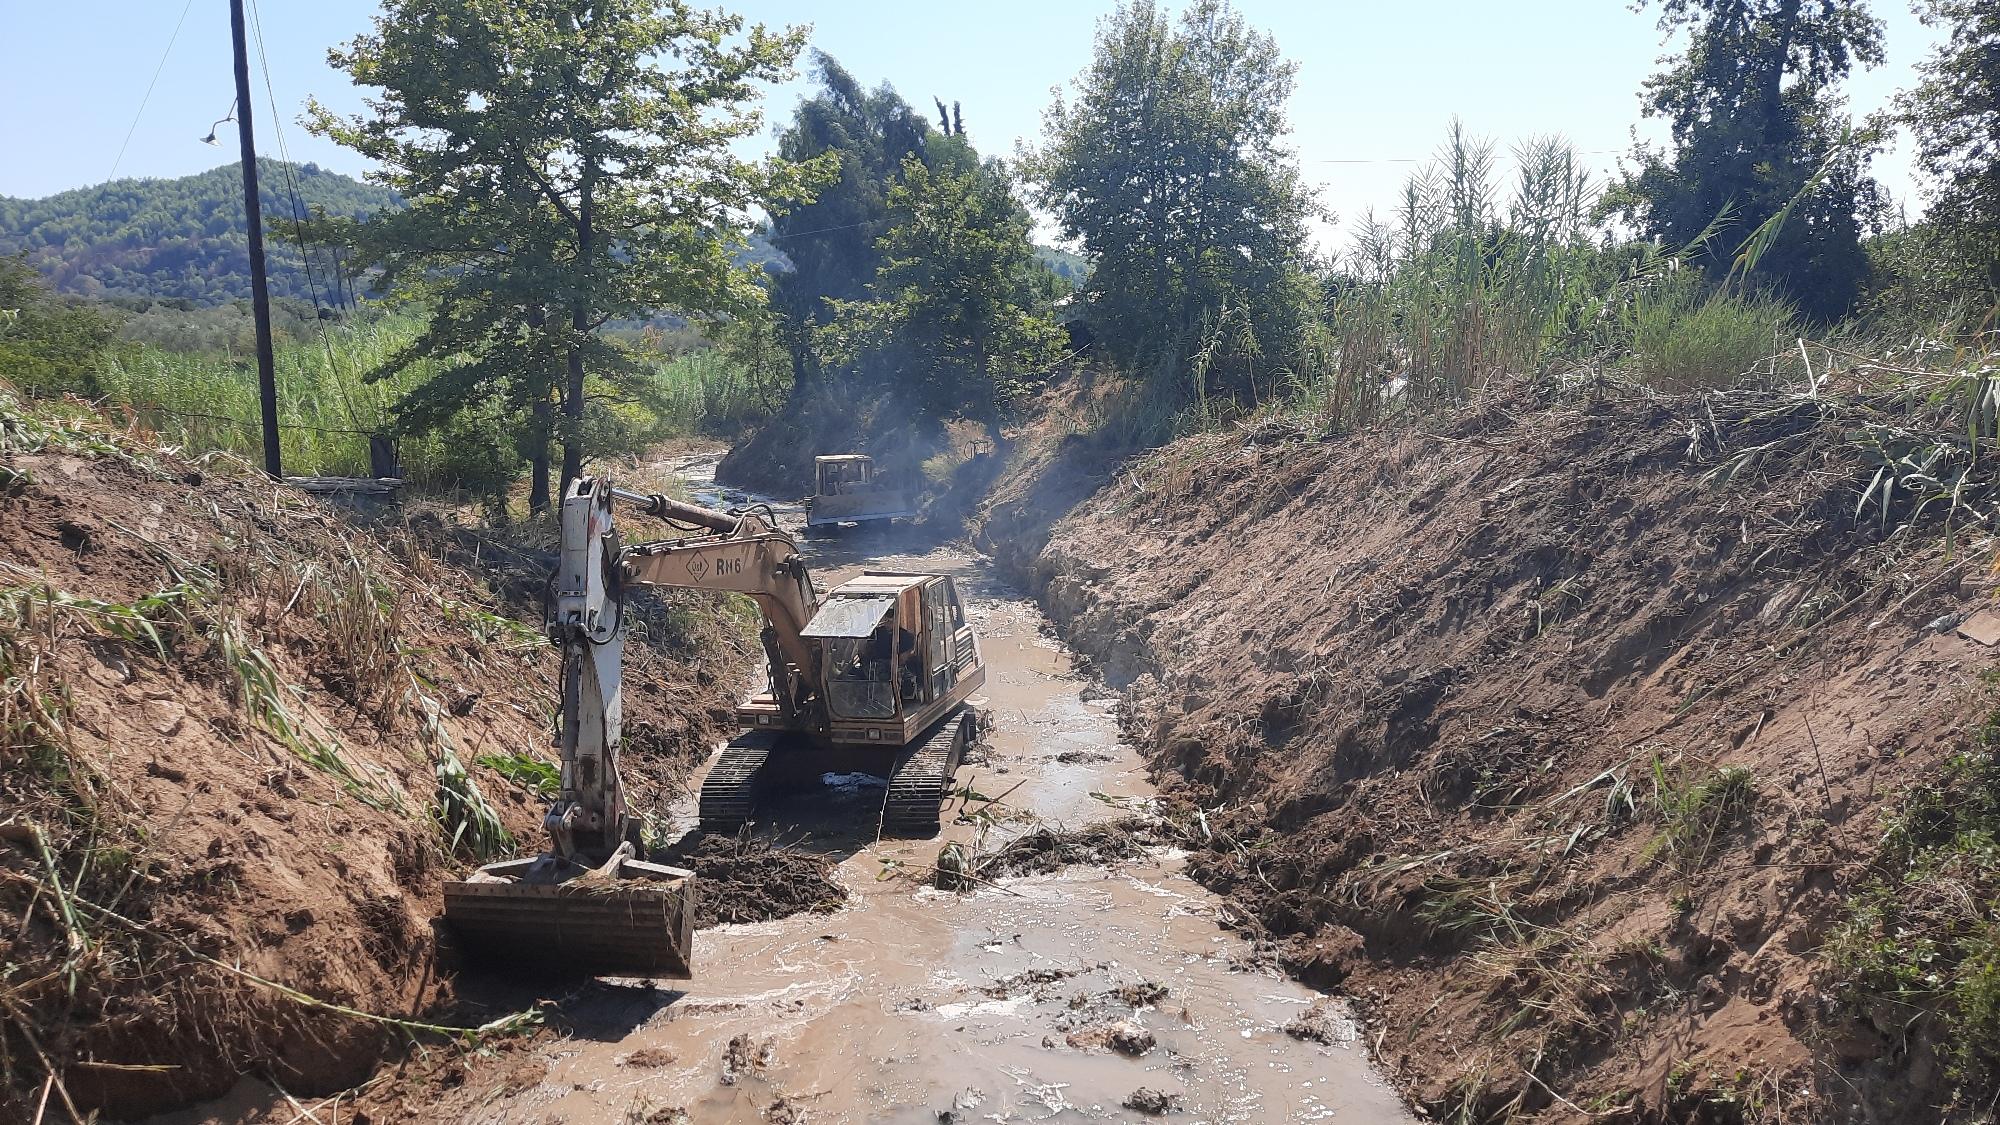 Ηλεία: «Θωρακίζονται» οι πυρόπληκτες περιοχές για να προστατευθούν από ενδεχόμενα πλημμυρικά φαινόμενα